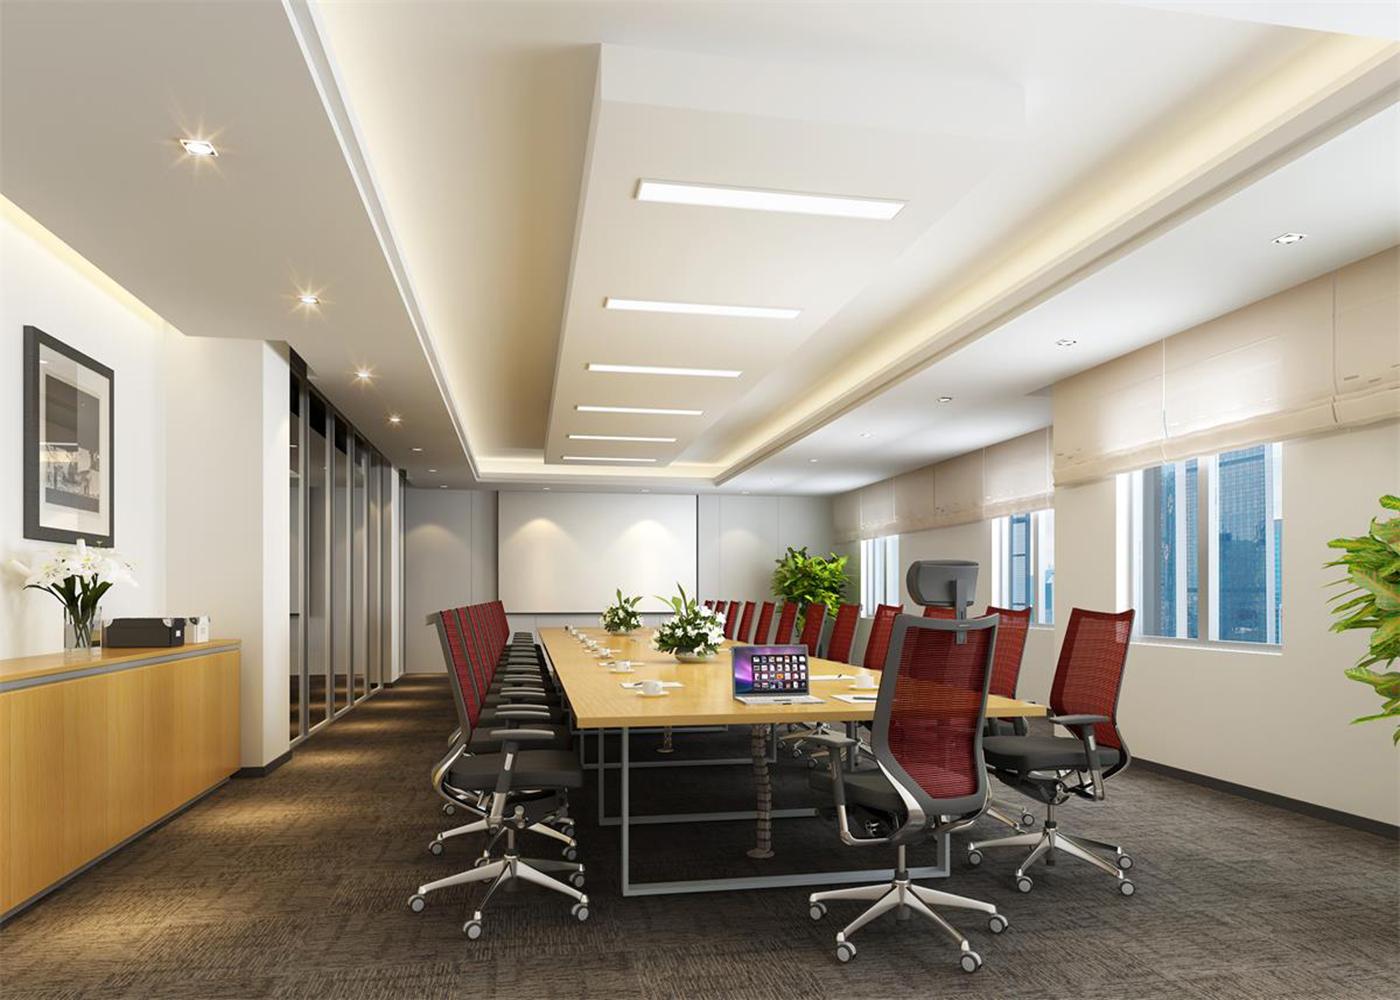 雷蒂斯会议桌A22,上海会议桌,【尺寸 价格 图片 品牌】